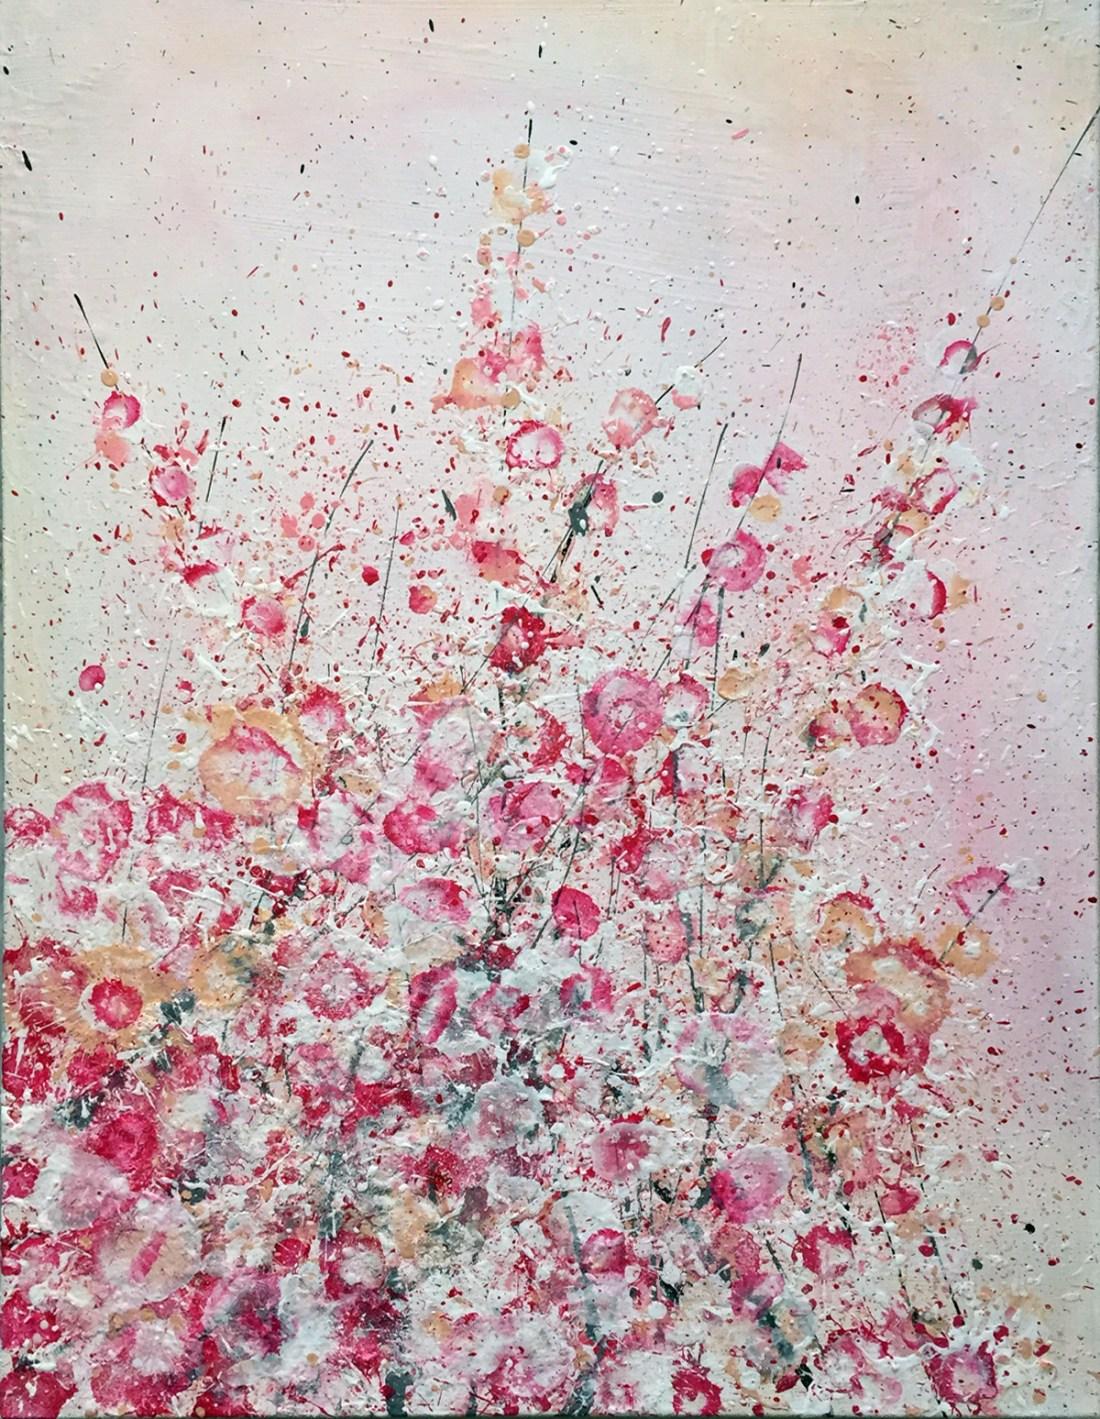 Acrylic on canvas 60 x 80 cm / 23 x 31″ © Joacim Broström, 2016